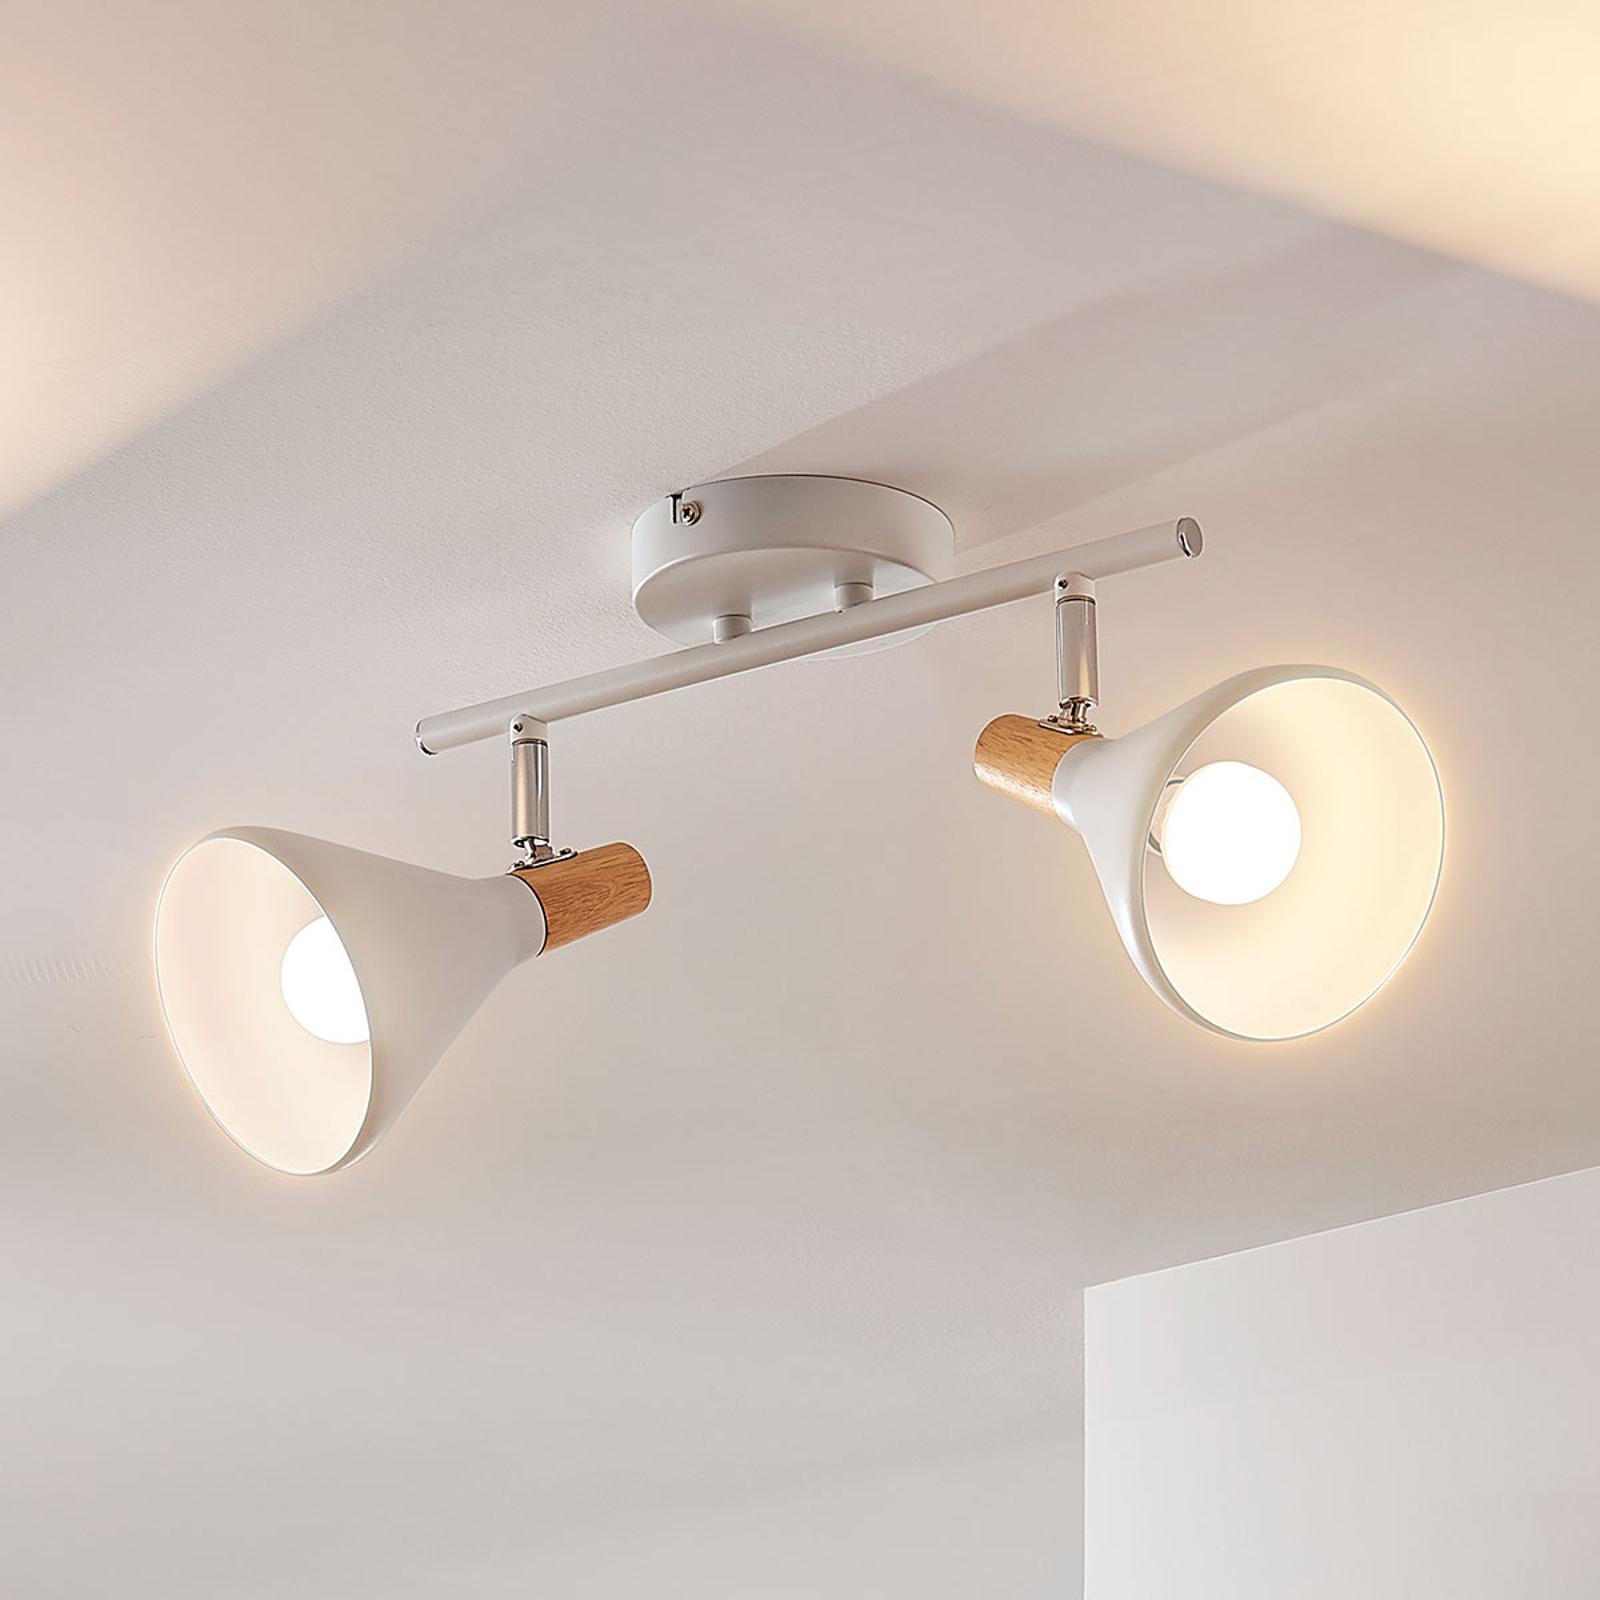 LED-taklampe Arina med 2 lyskilder